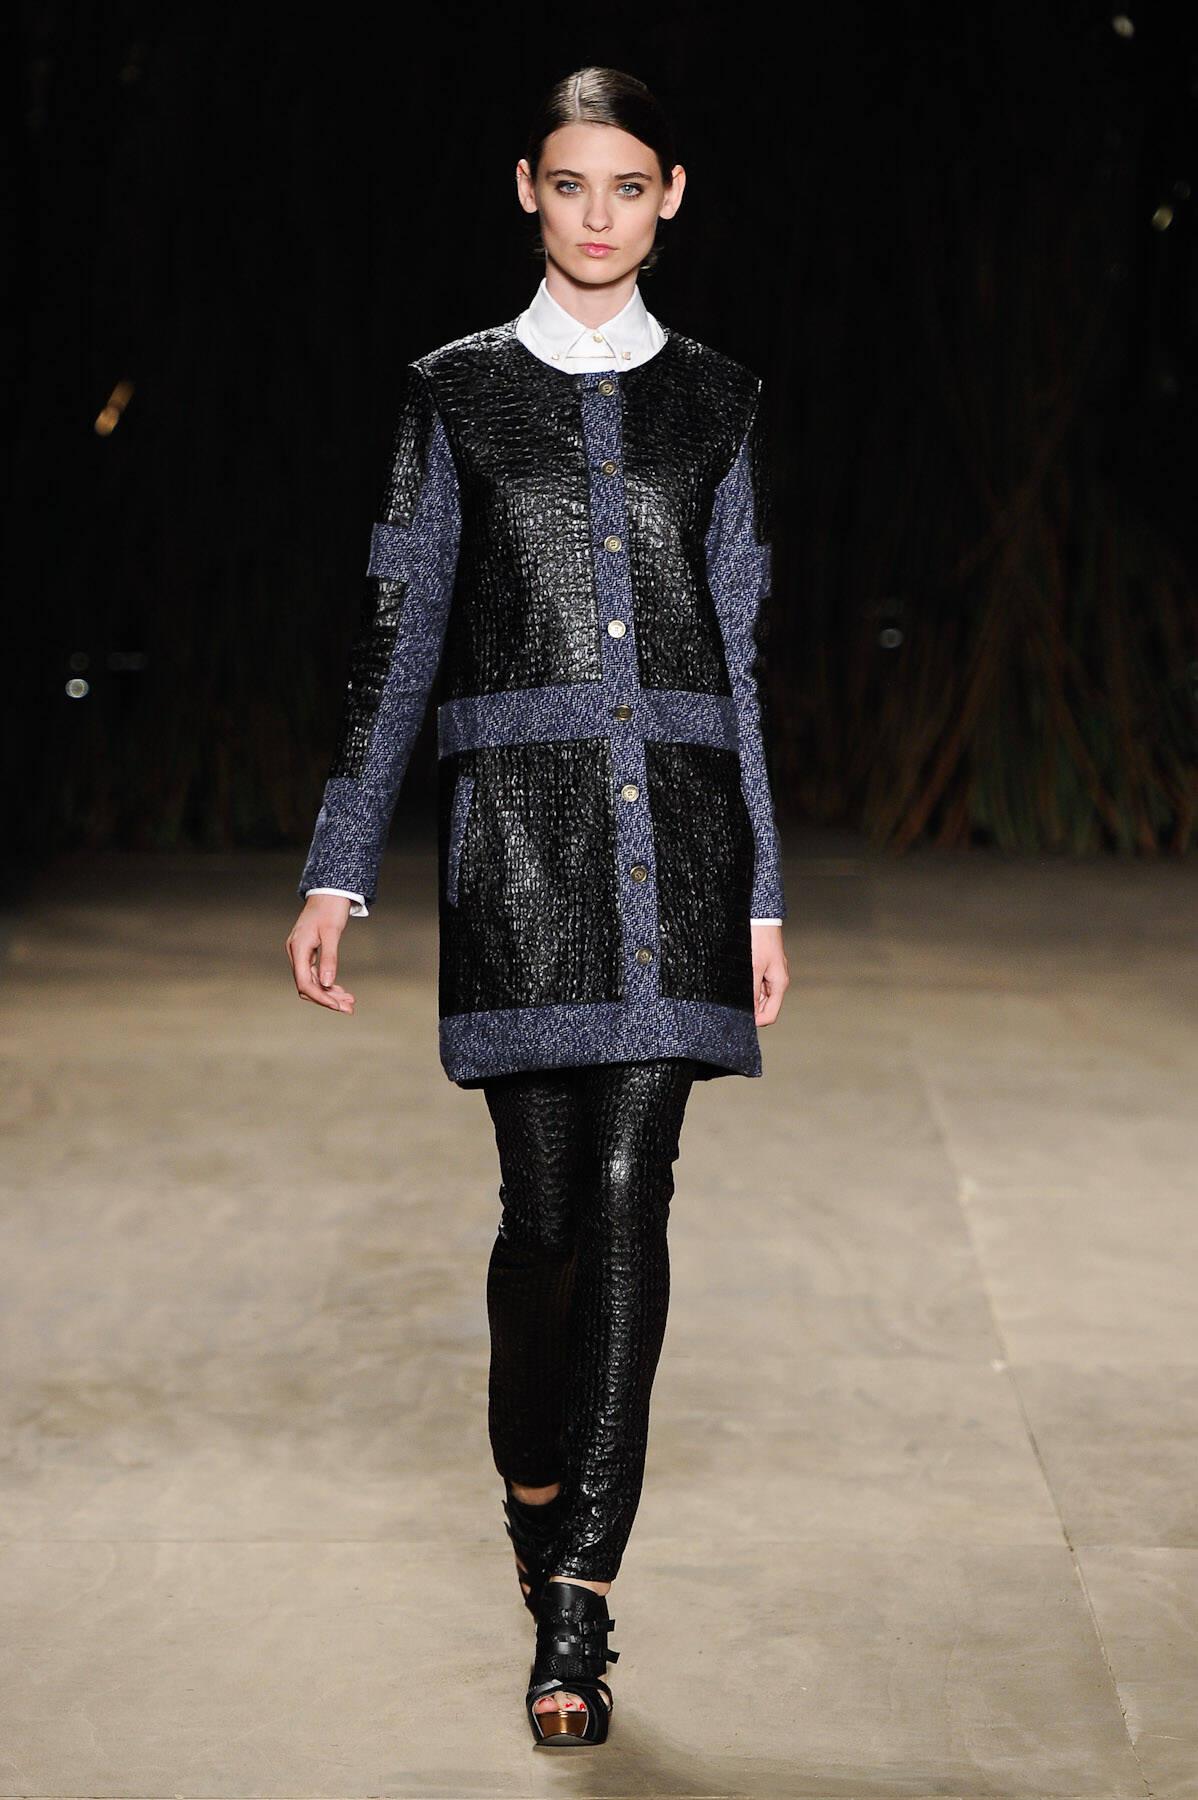 O estilista Thiago Marcon optou por peles sintéticas, com texturas de croco, além de tricôs, moleton, nylon e até seda. A parte de estamparia nos causou um revival da coleção de verão 2011/2012.